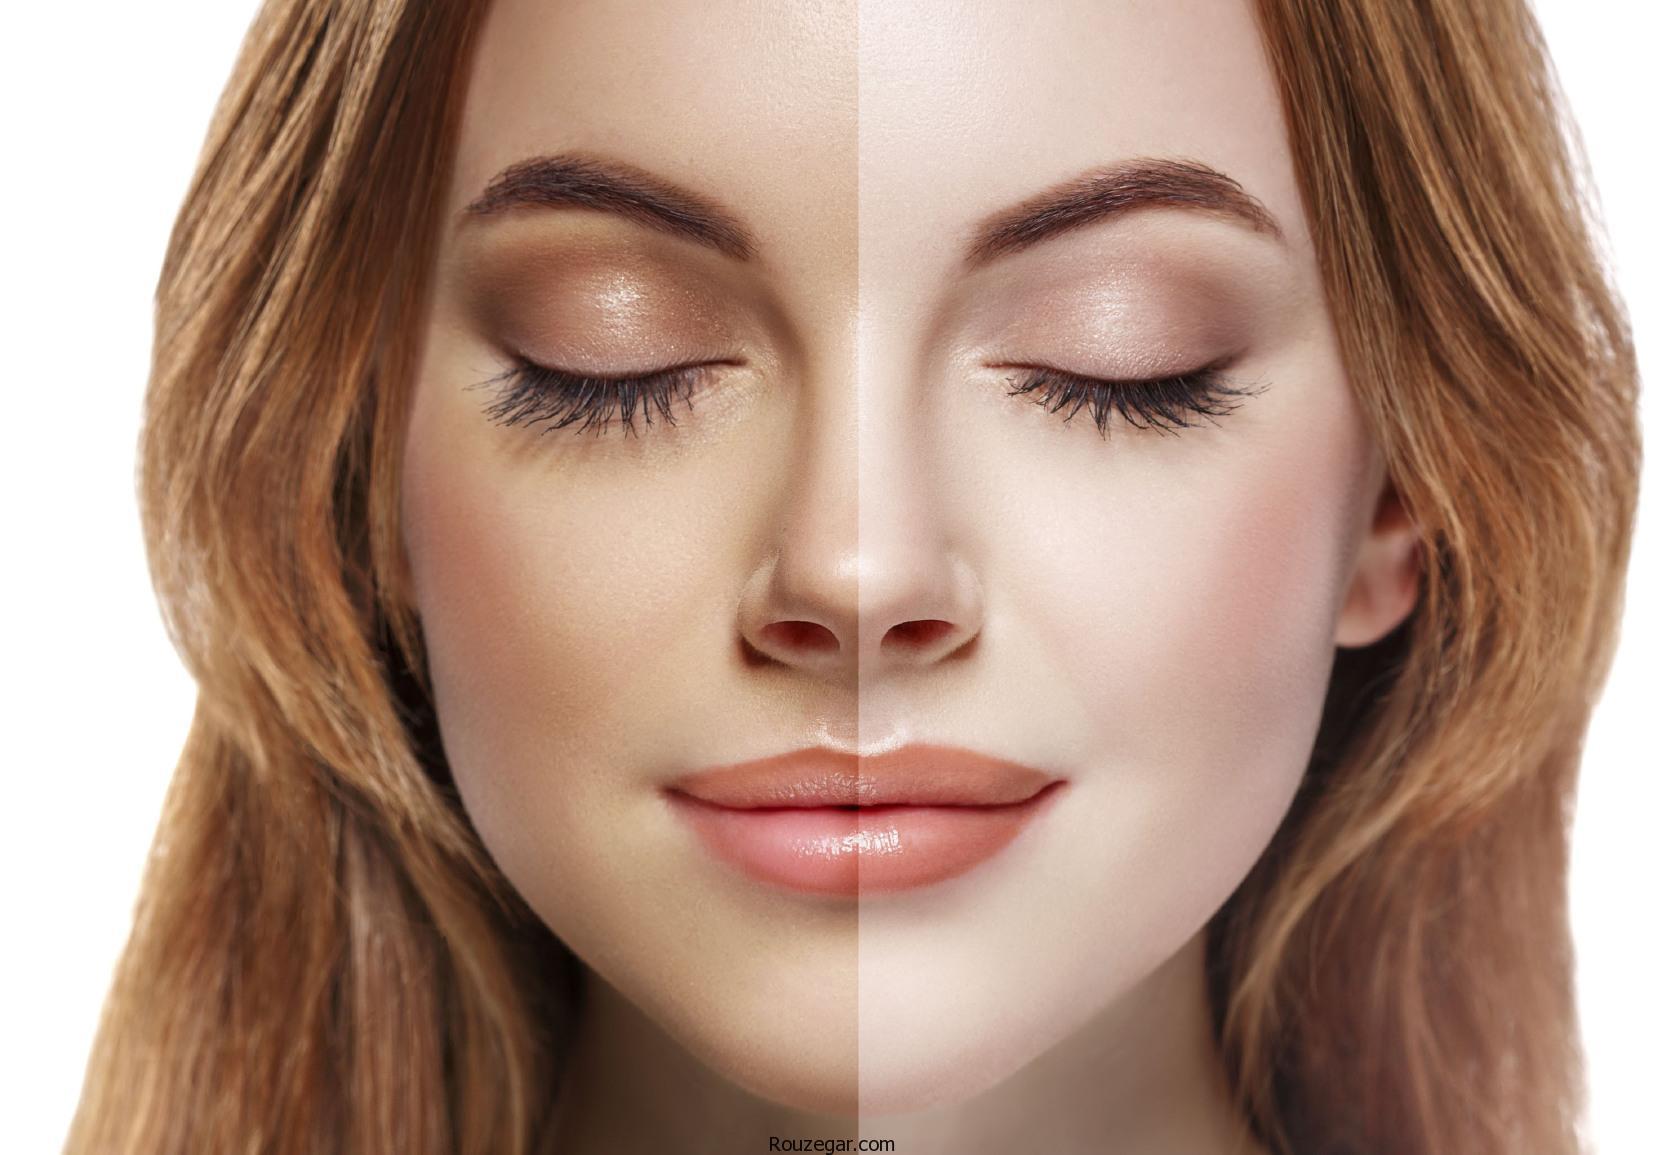 آب درمانی و تأثیر آن بر پوست،تاثیر خوردن اب بر پوست صورت،خوردن آب برای چاقی صورت،فواید اب برنج برای پوست صورت،تاثیر آب بر جوش صورت،مضرات نوشیدن آب زیاد،خواص نوشیدن آب گرم ناشتا،تاثير آب مني بر پوست،فواید نوشیدن اب